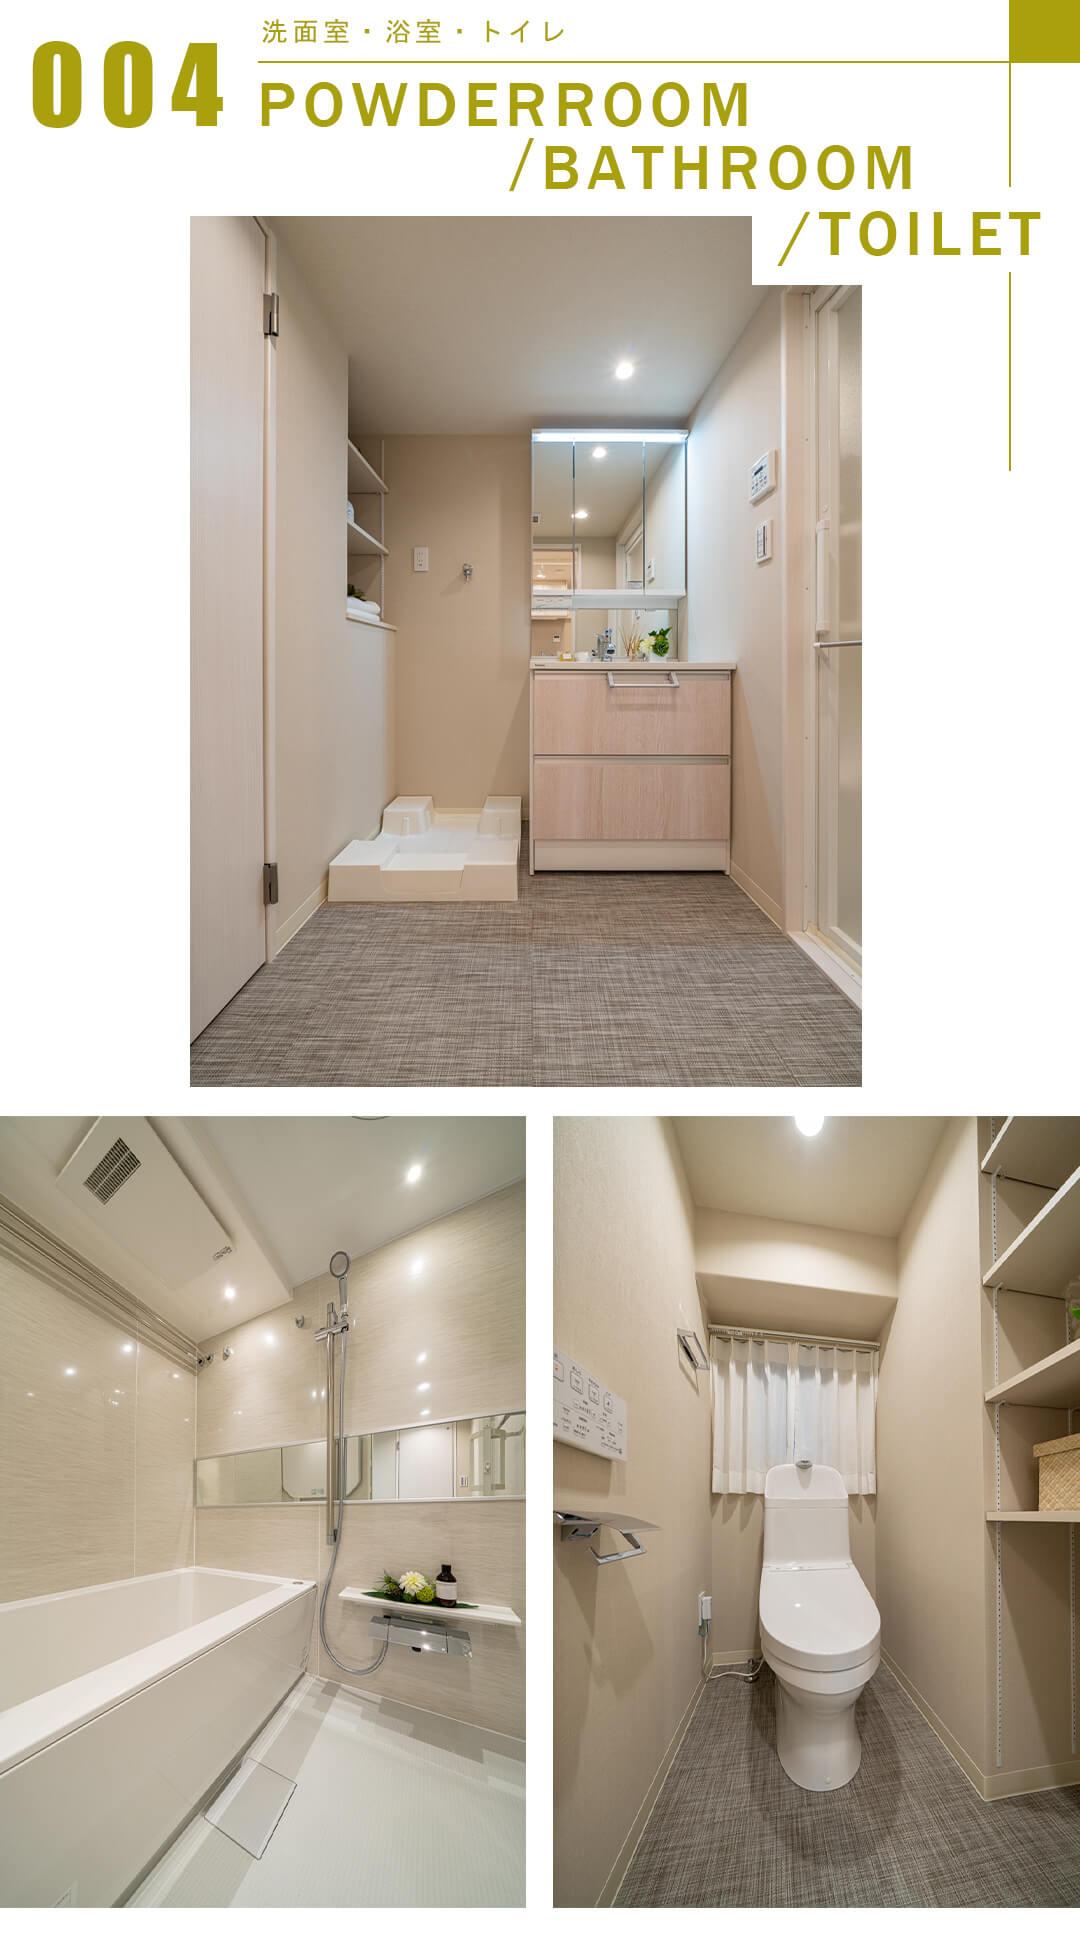 ハイネス巣鴨の洗面室と浴室とトイレ